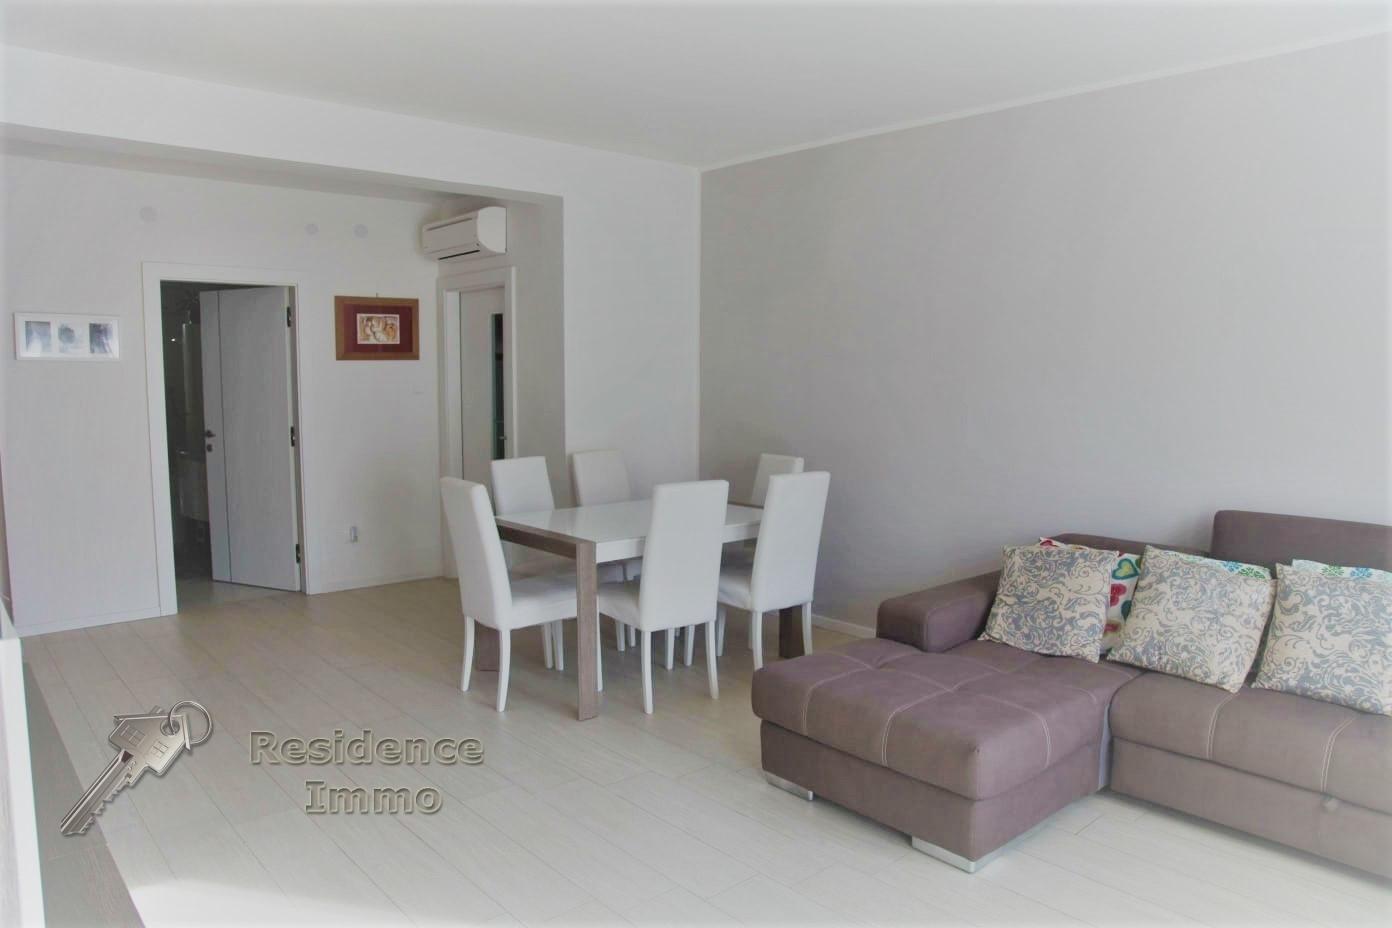 vendita appartamento bolzano residenziale  380000 euro  5 locali  118 mq